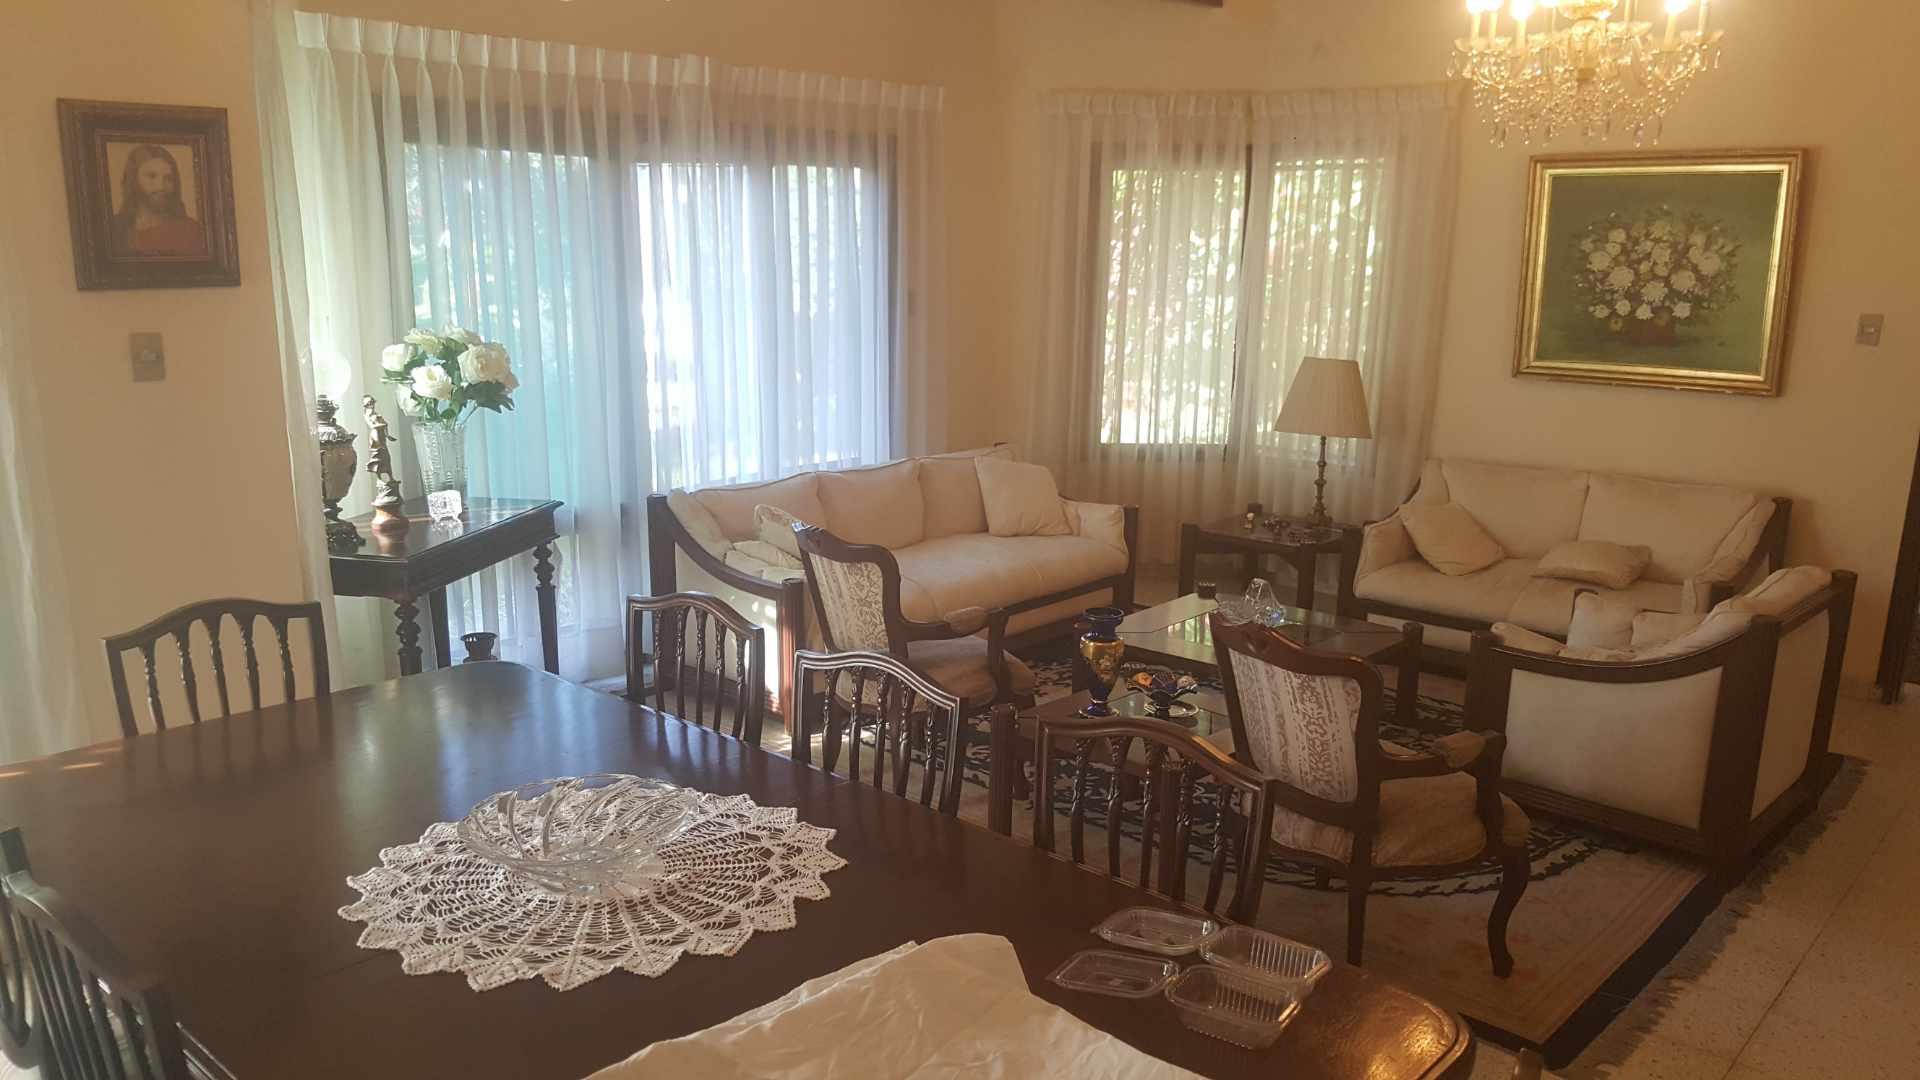 Casa en Venta BARRIO POLANCO, RADIAL 10/CALLE JUAN BLANCO. ENTRE 3er y 4to ANILLO Foto 2